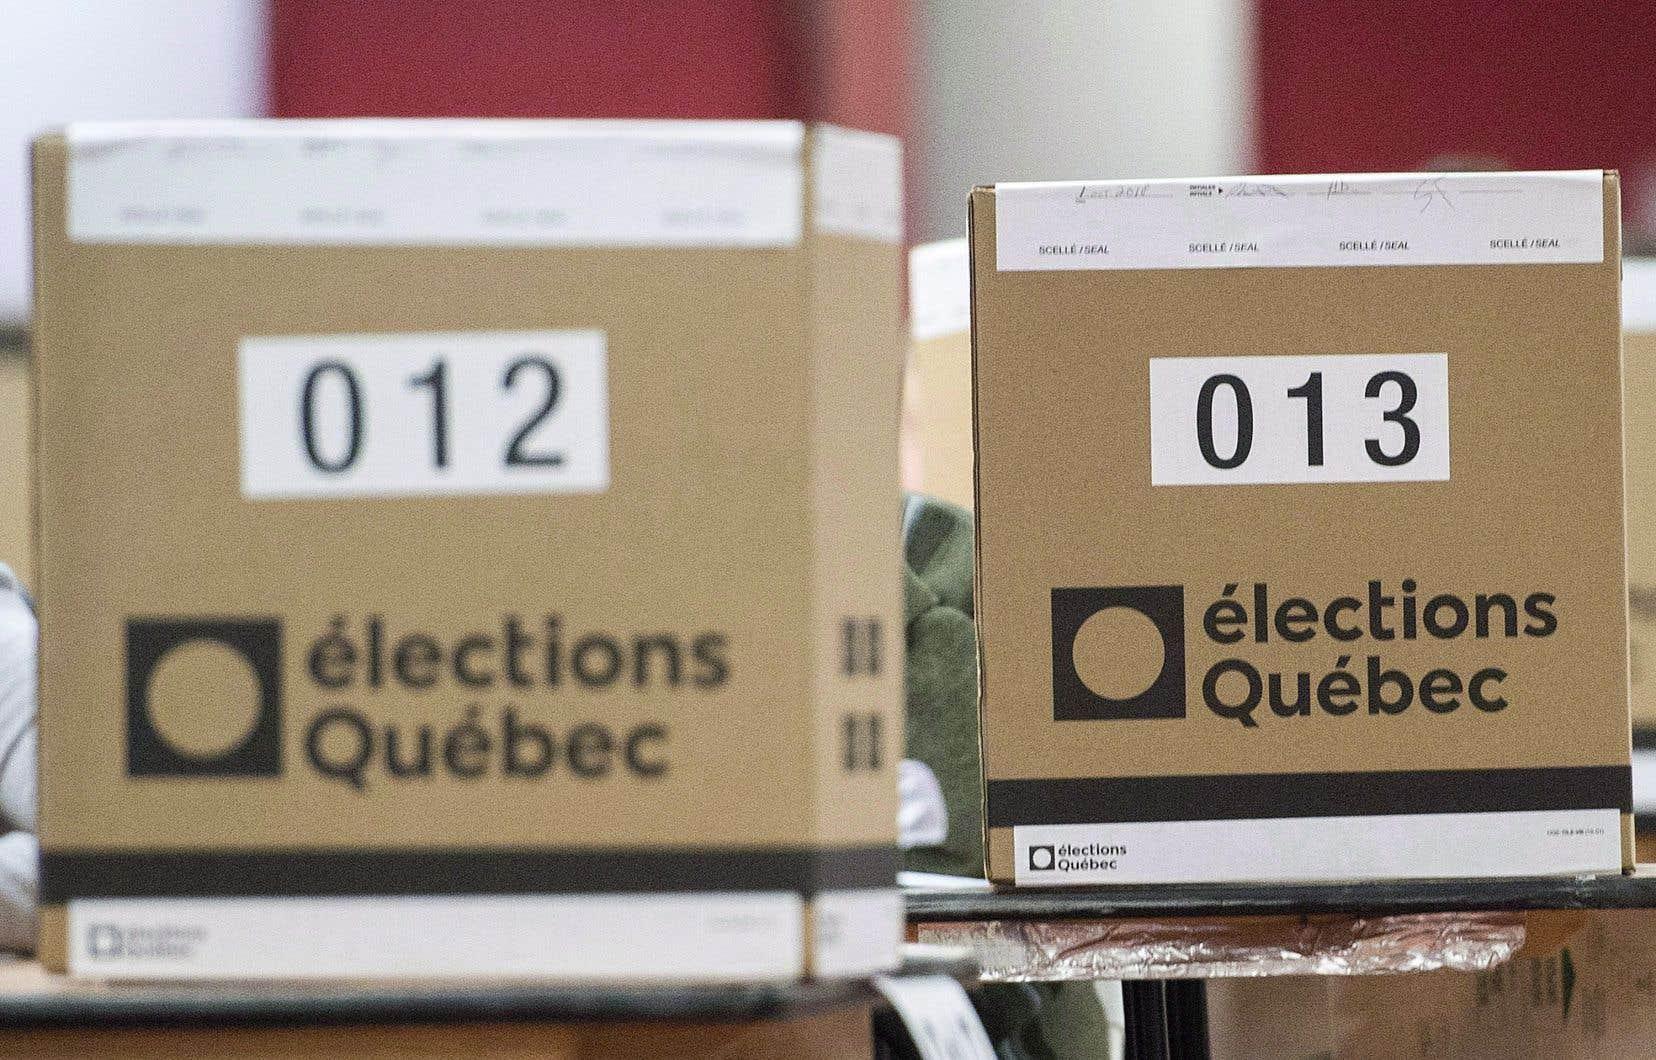 «Notre mode de scrutin a régulièrement permis l'élection de gouvernements majoritaires qui étaient, à différents degrés, nationalistes» écrit l'auteur.